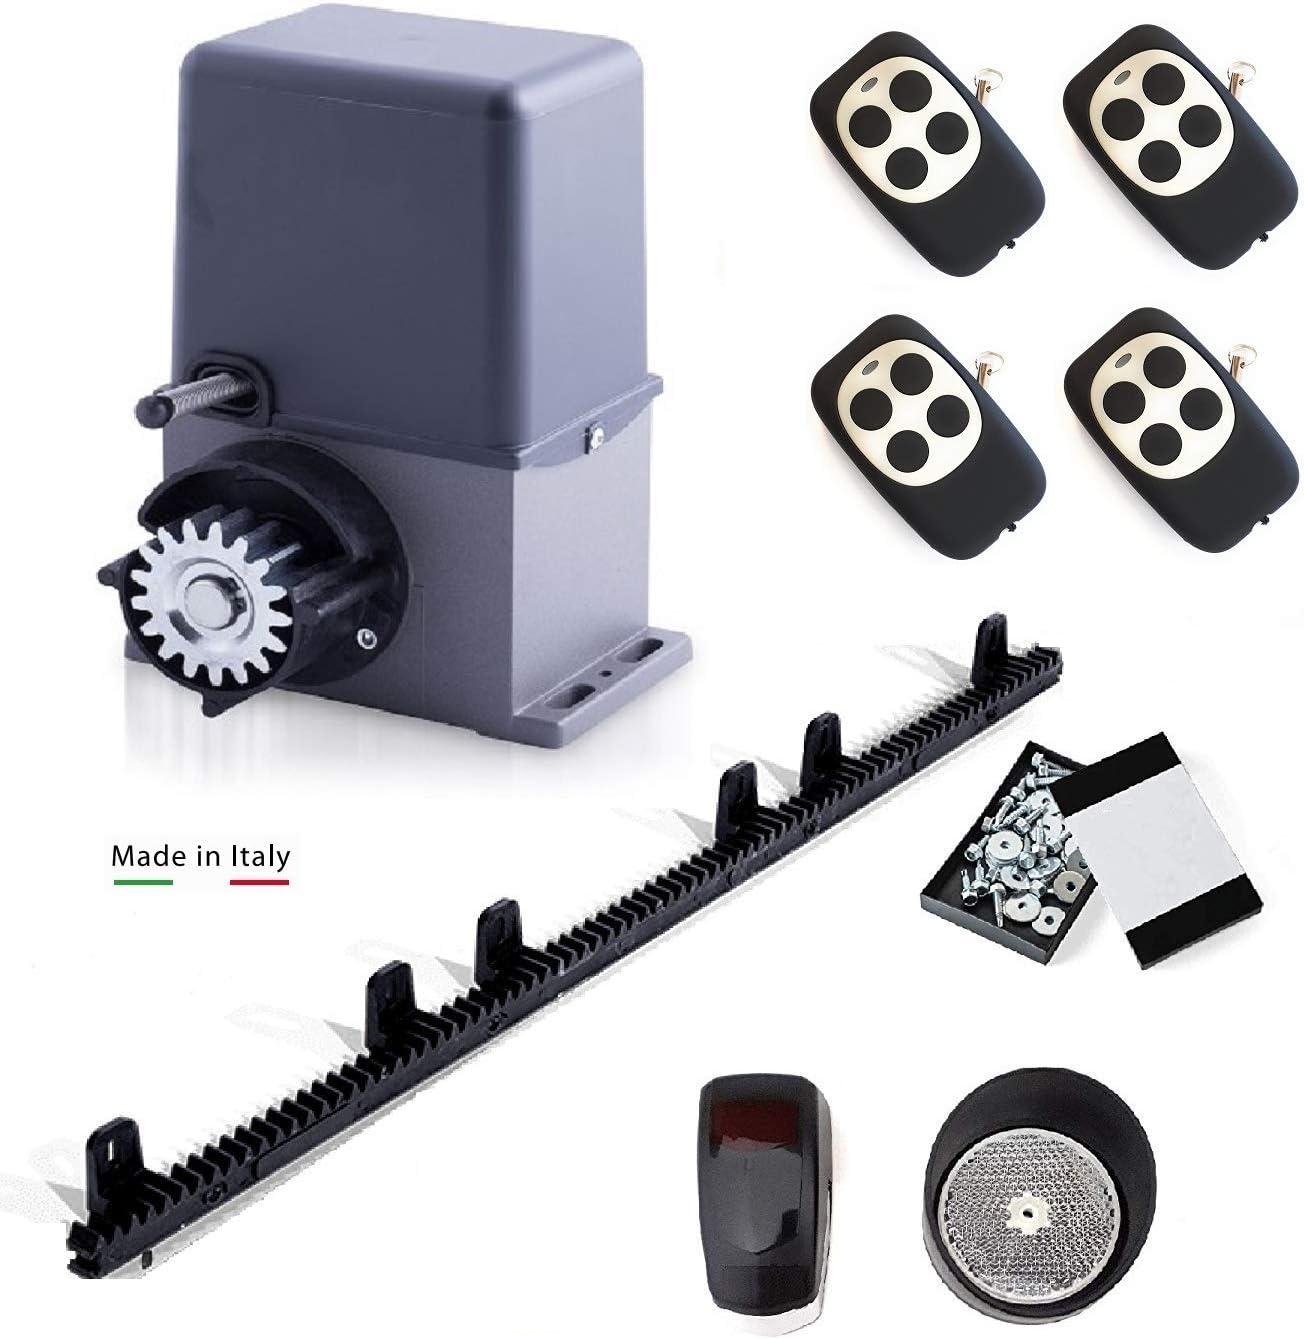 Kit completo profesional Motor puerta corredera ARTEMIS para puertas de hasta 600kg + 4 mandos a distancia + fotocélula espejo + cremallera de Nylon con tornillos. 100% fabricado en Italia.: Amazon.es: Bricolaje y herramientas